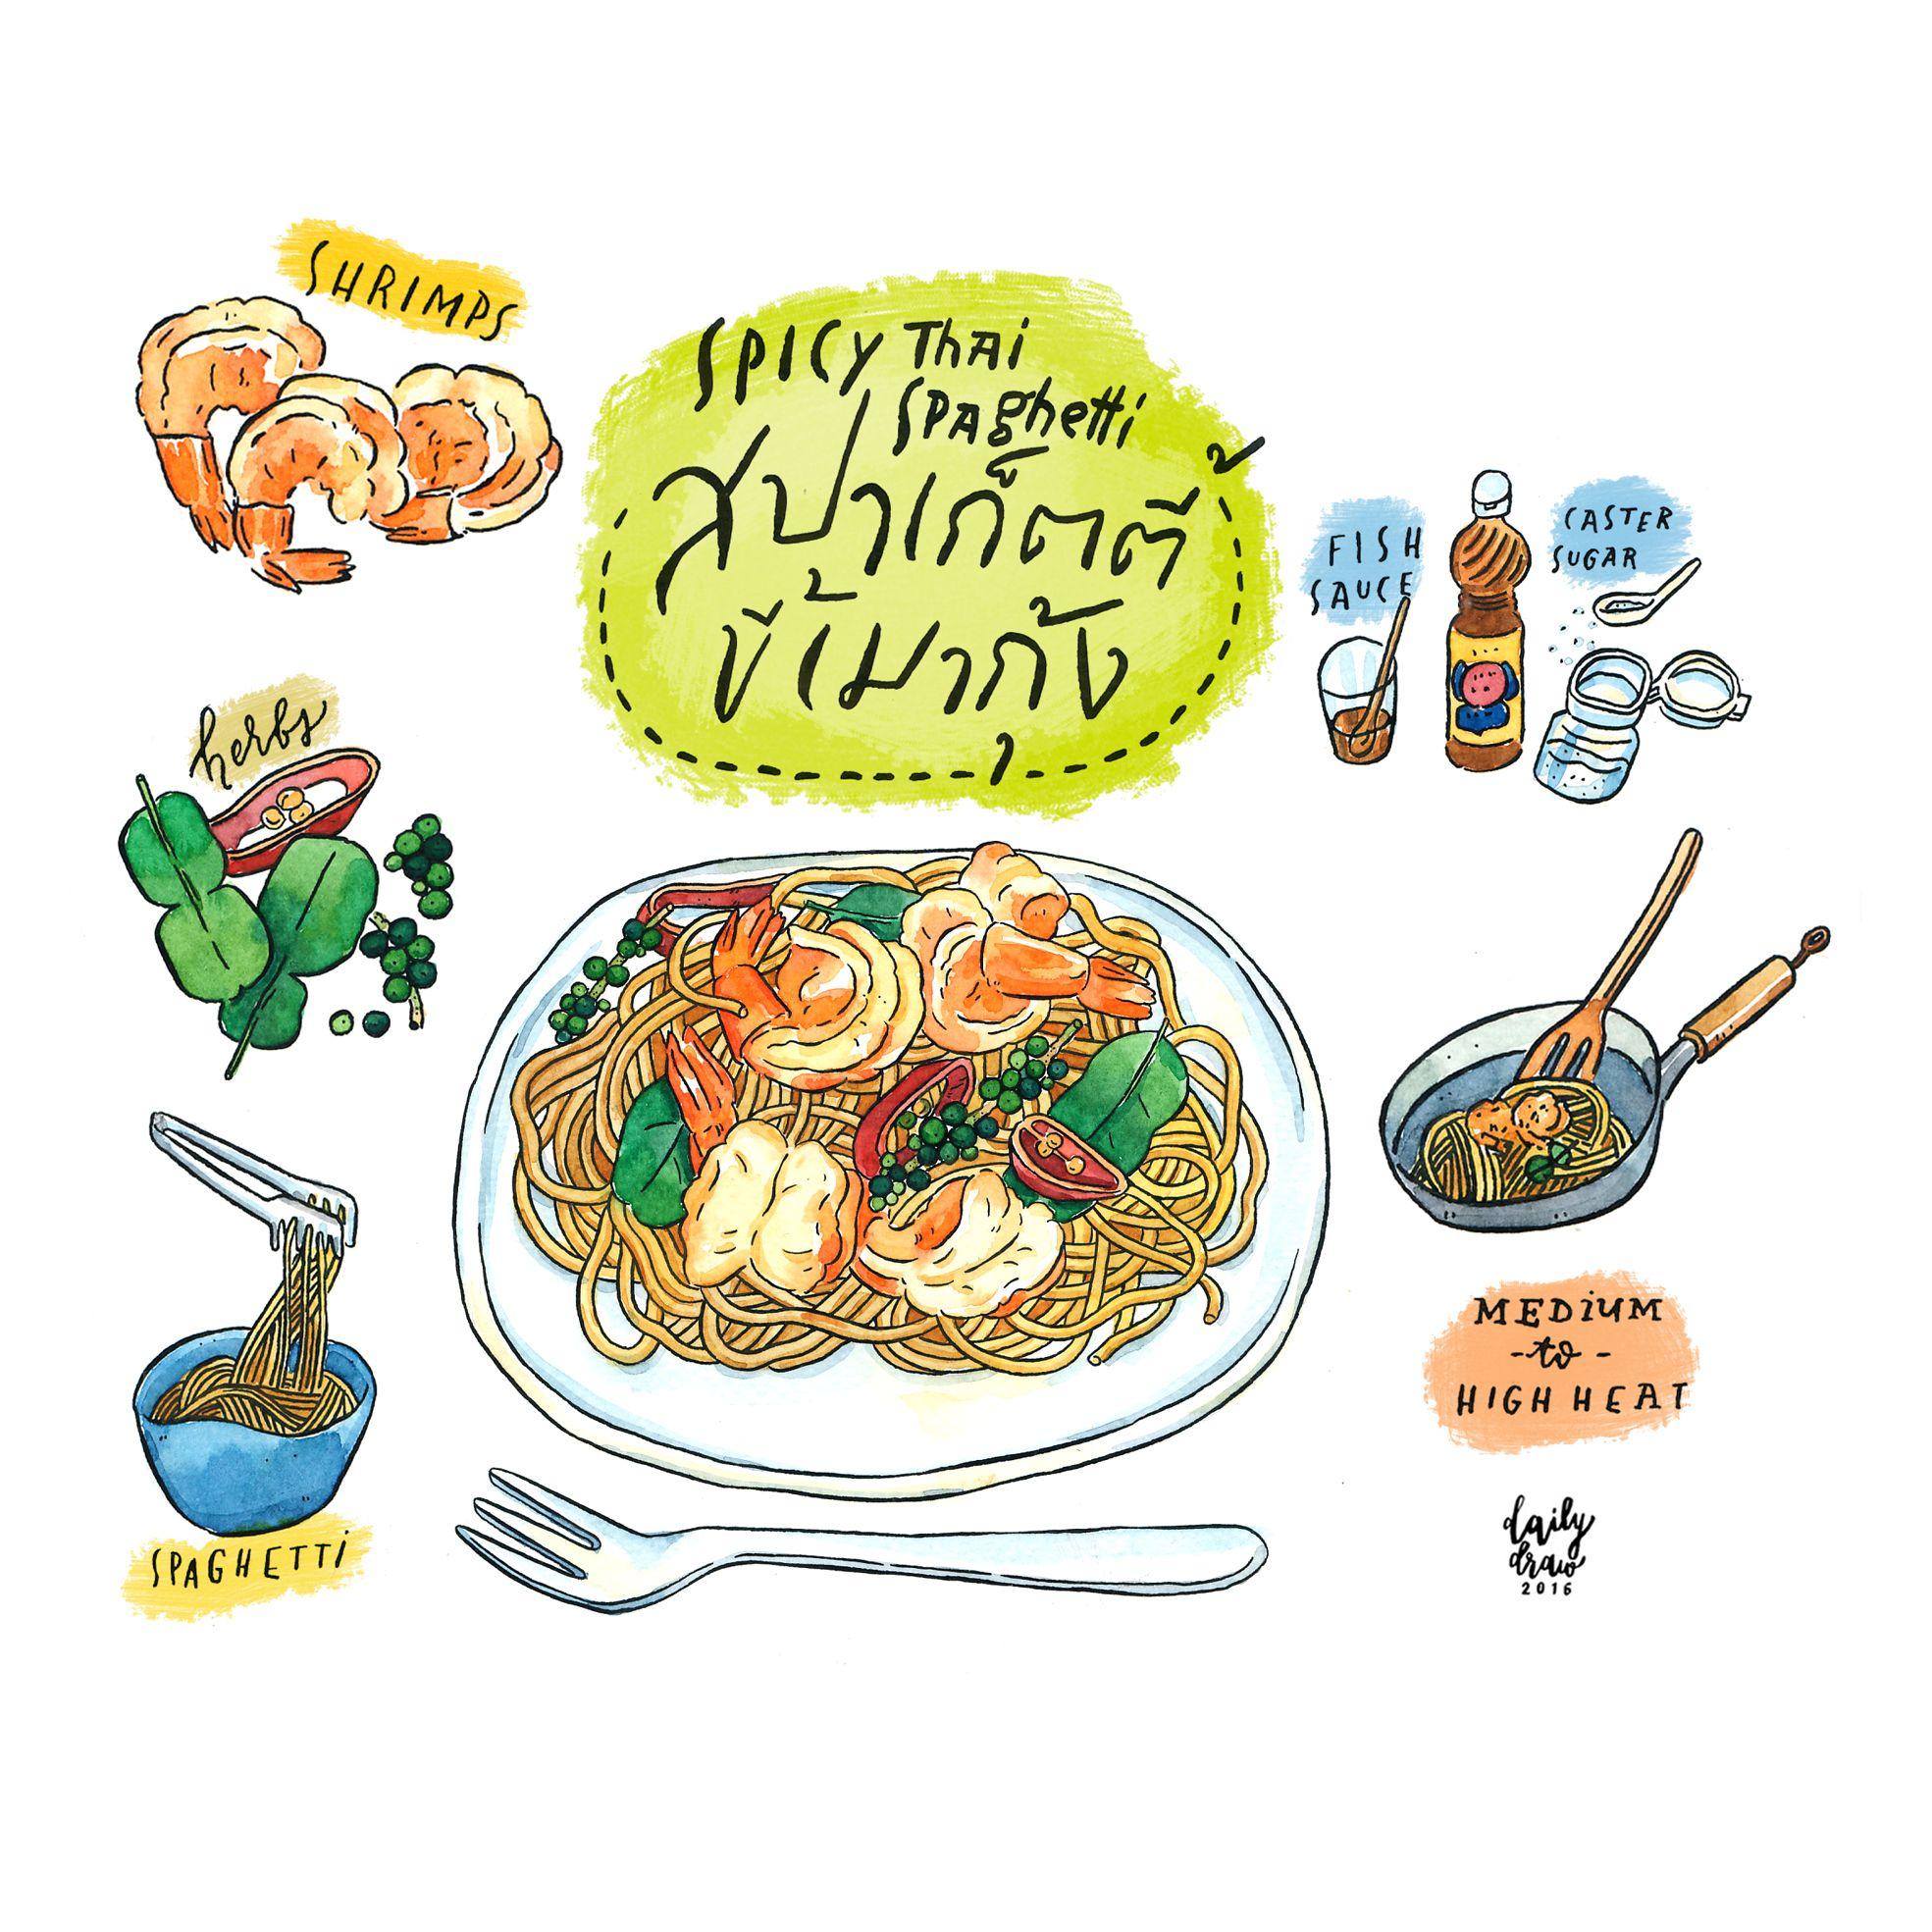 Delicious Chinize Food สปาเก ตต ศ ลปะเก ยวก บอาหาร การทำอาหาร